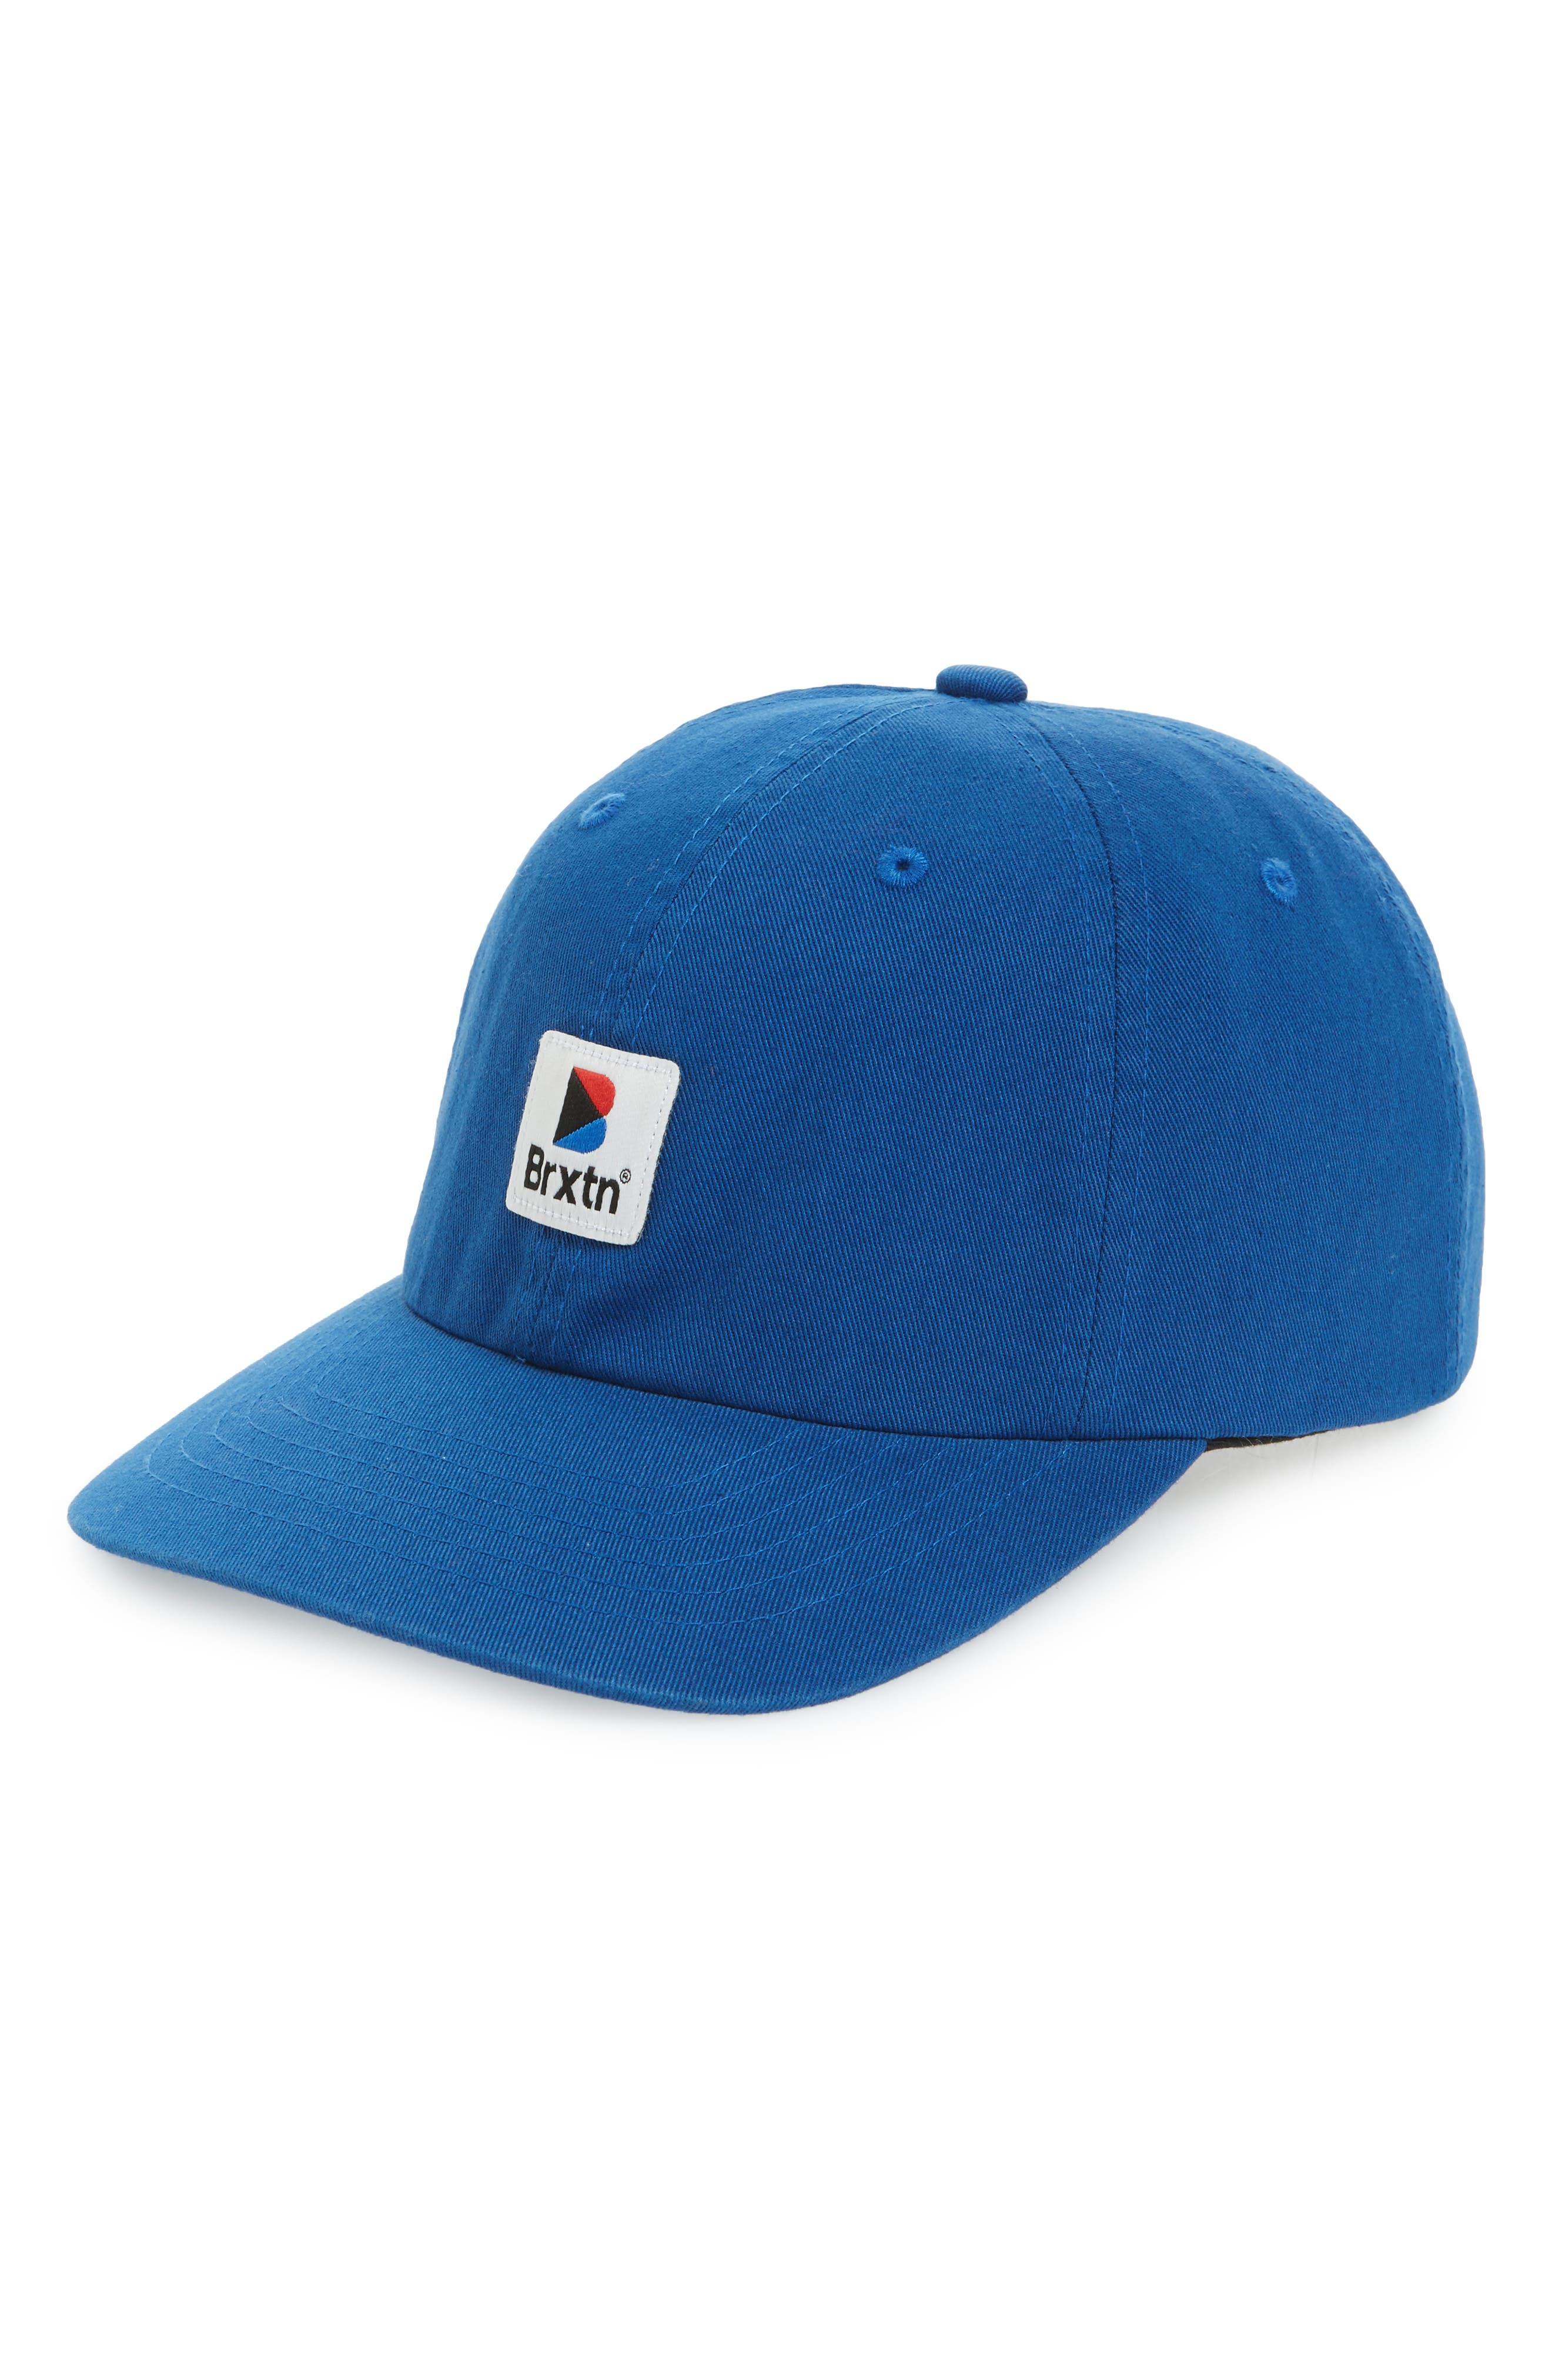 Stowell Baseball Cap,                             Main thumbnail 1, color,                             ROYAL